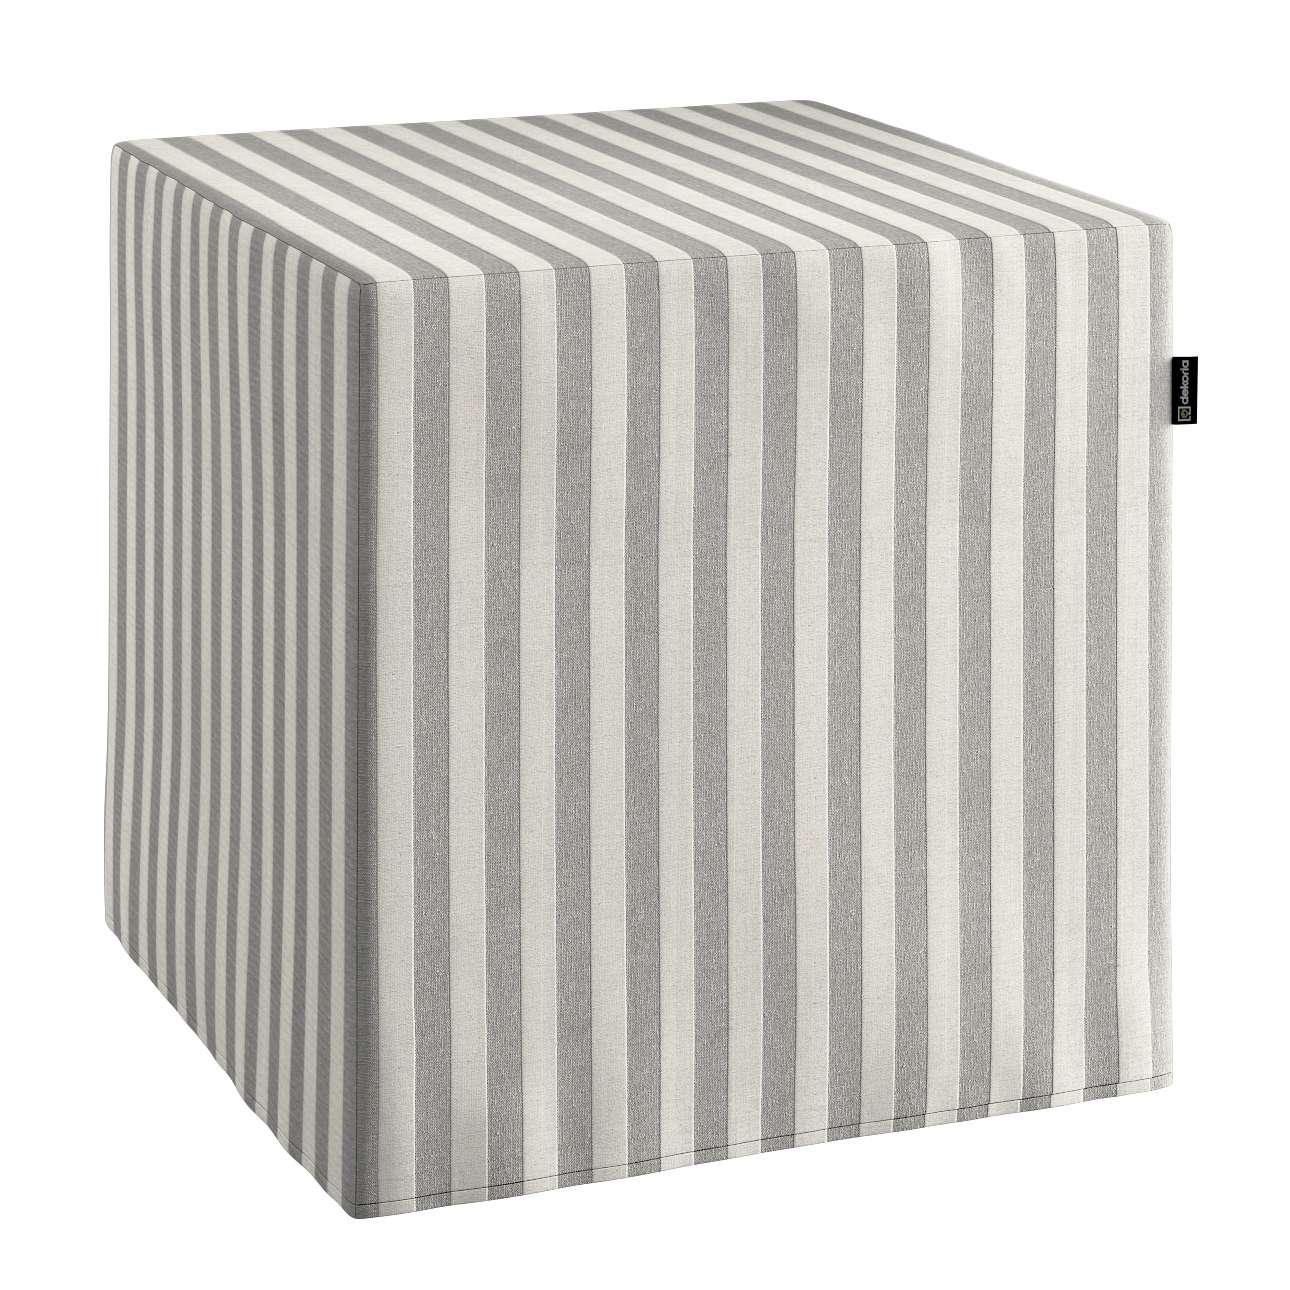 Bezug für Sitzwürfel Bezug für Sitzwürfel 40x40x40 cm von der Kollektion Quadro, Stoff: 136-12